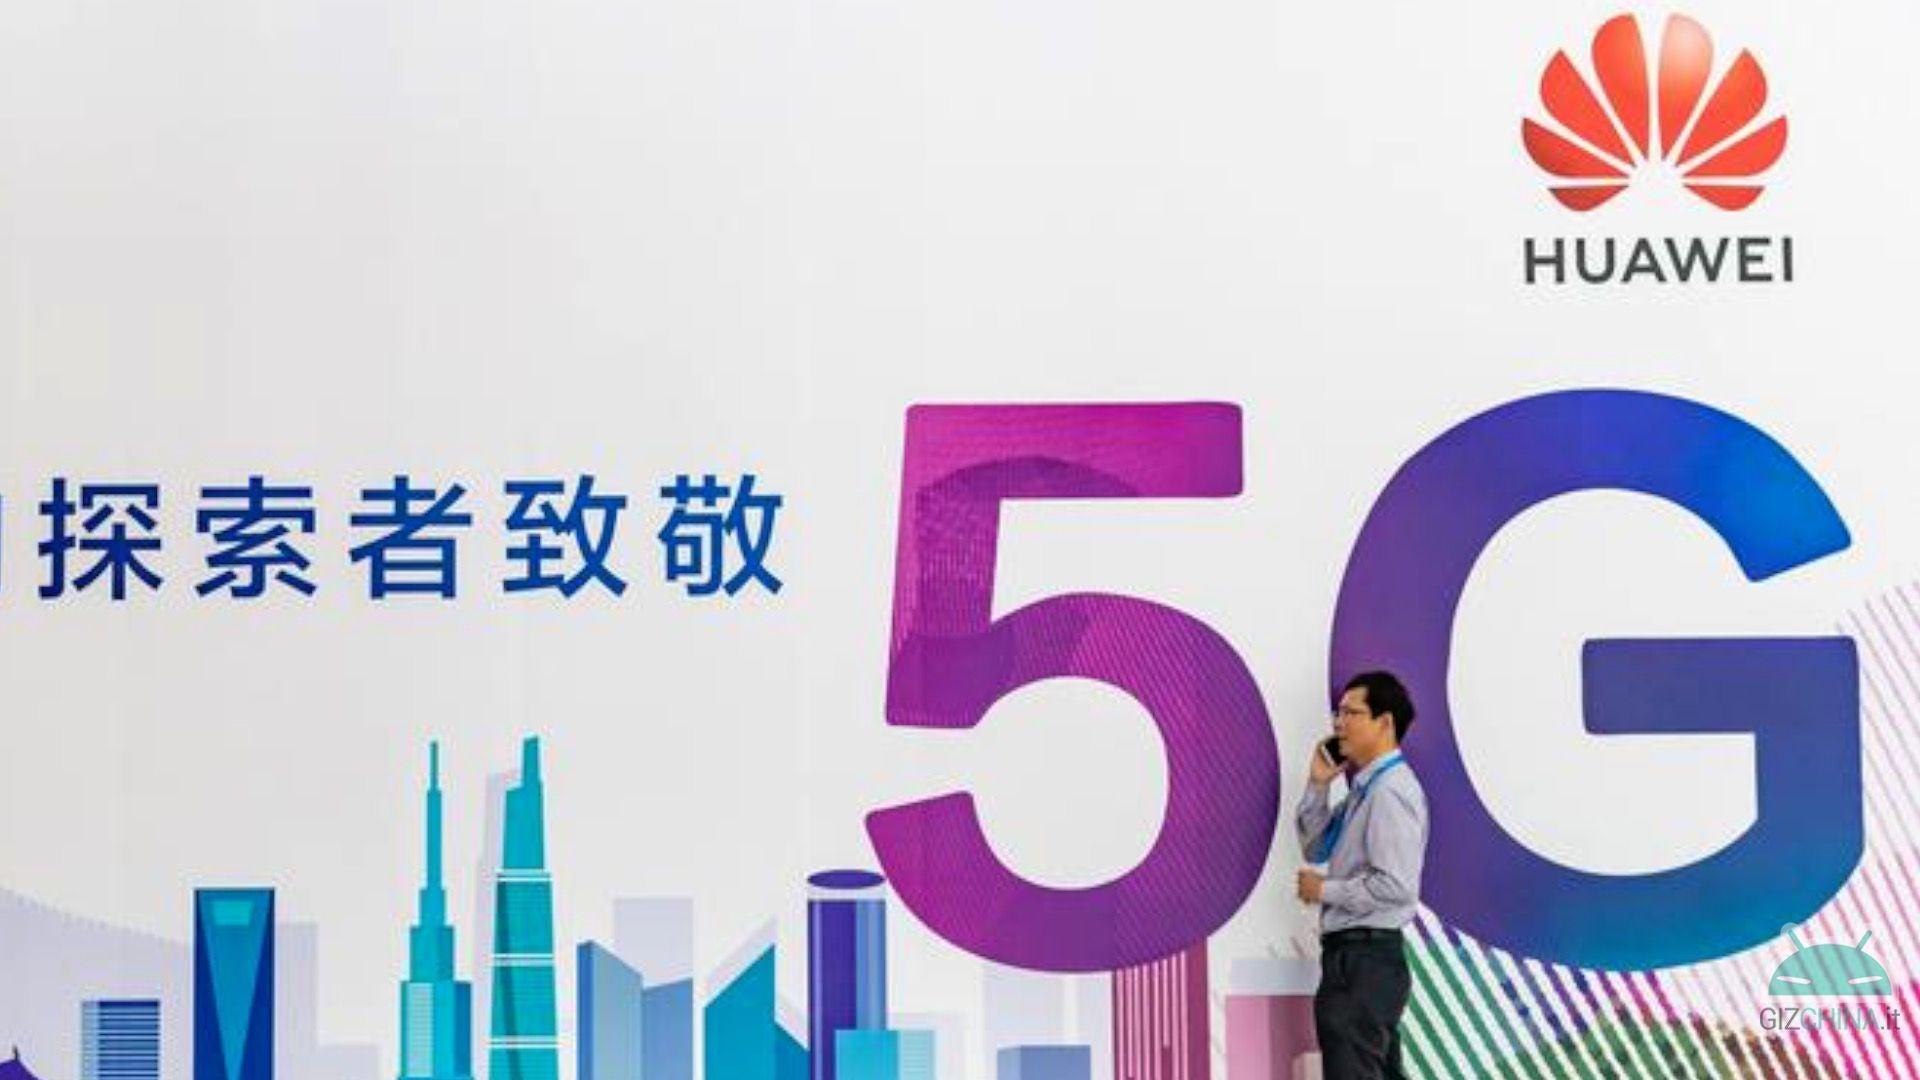 Sieć 4G kluczowa dla rozwoju 5G